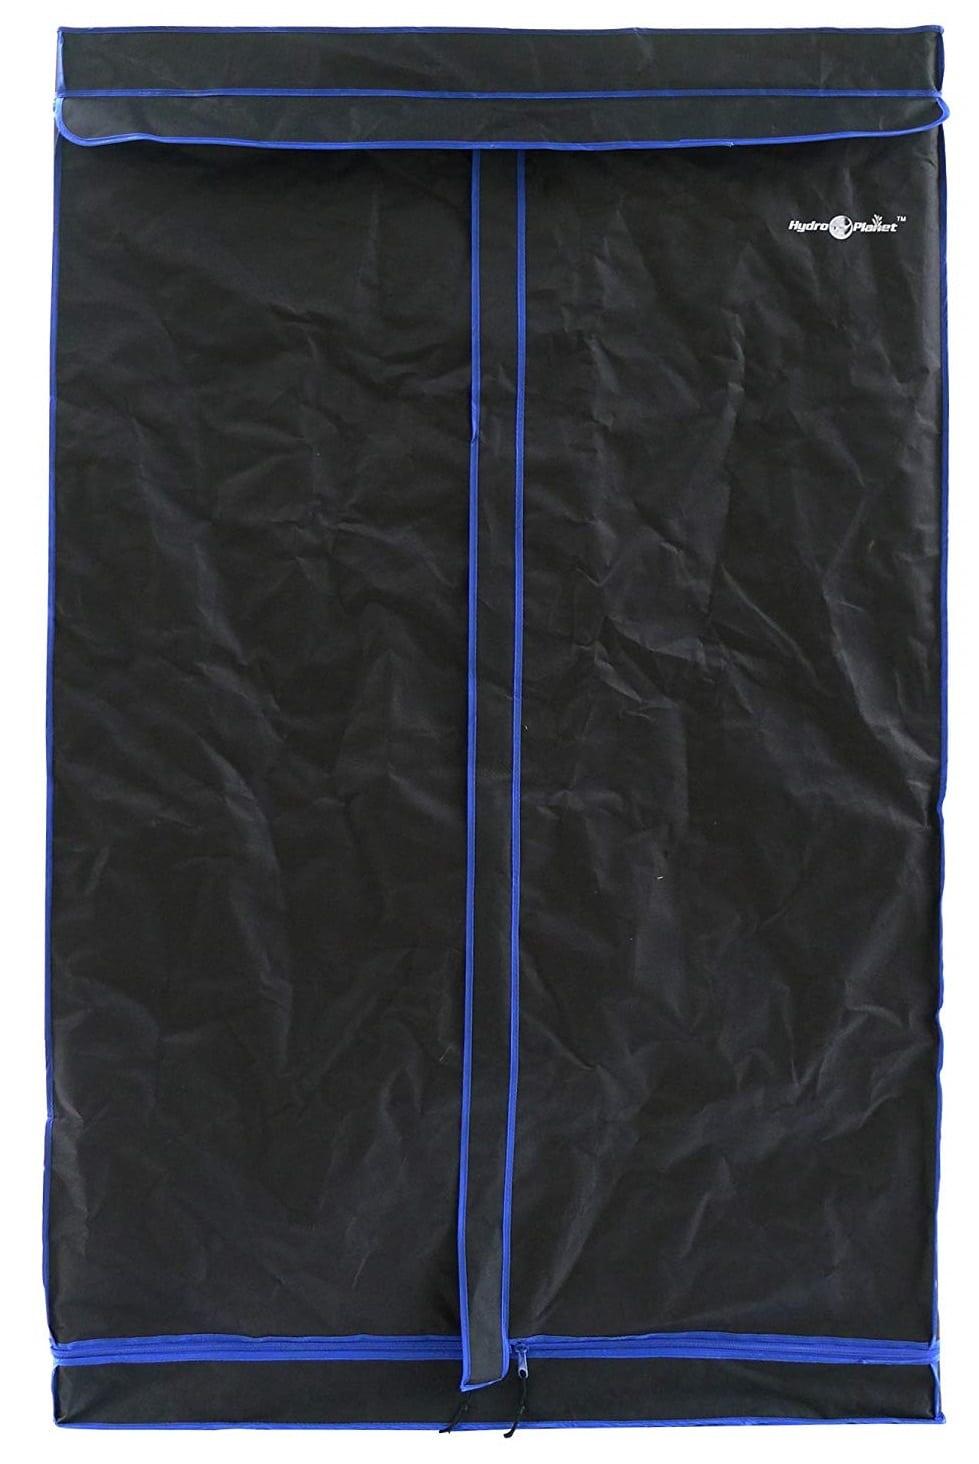 Hydroplanet 48″x48″x80″ Hydroponic Mylar 600D Grow Tent